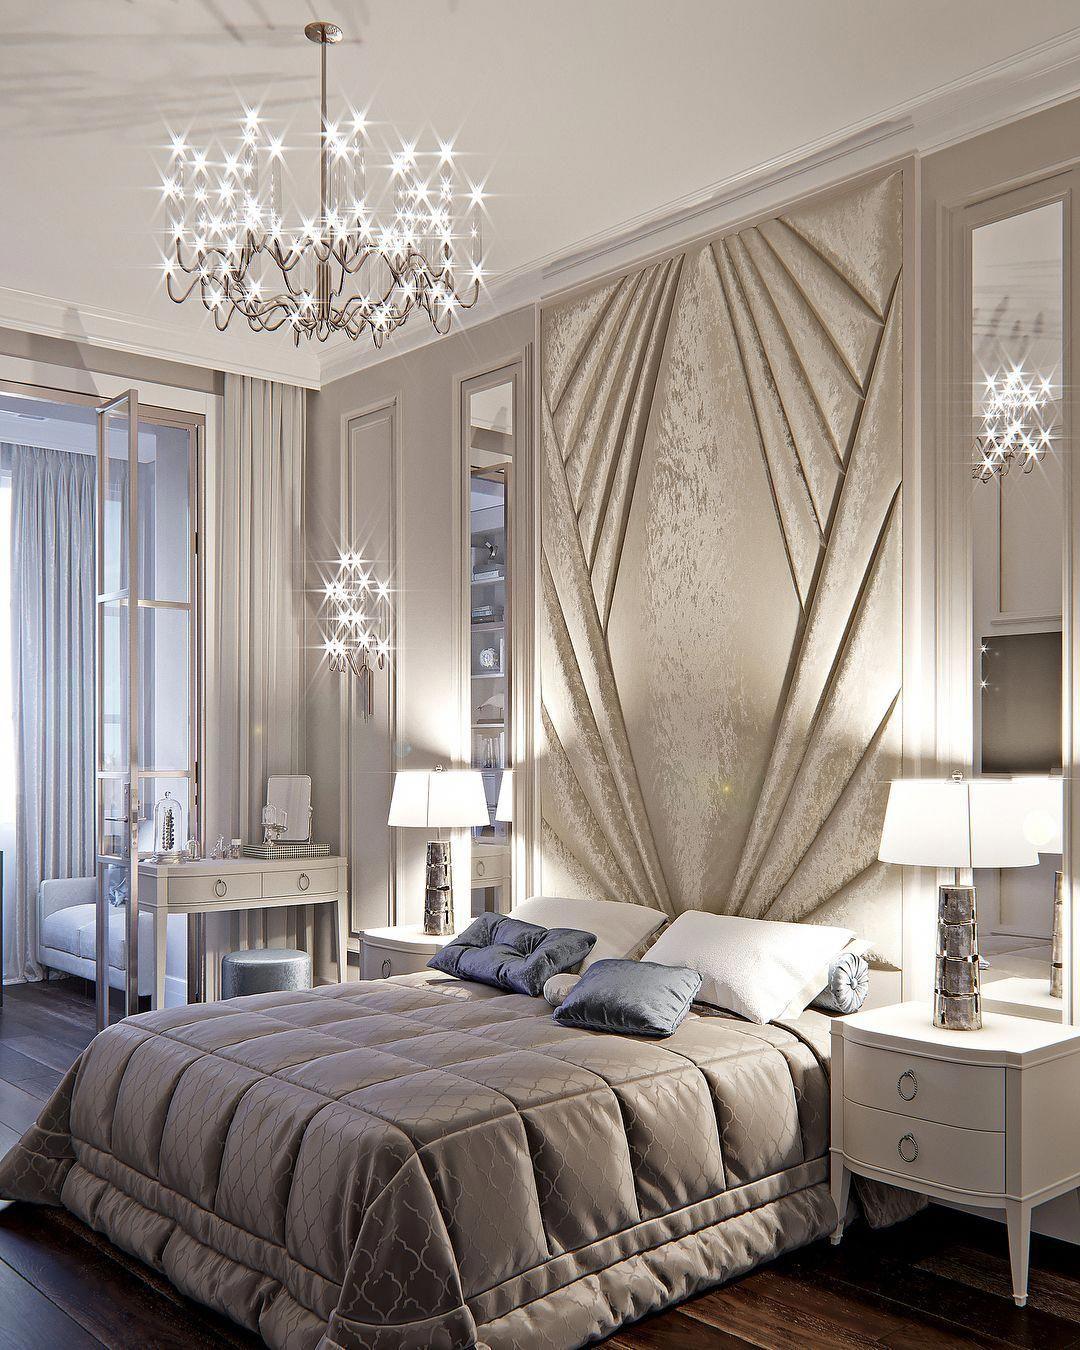 10 Modernes Dekor Tipps für ein LuxusSchlafzimmerDesign